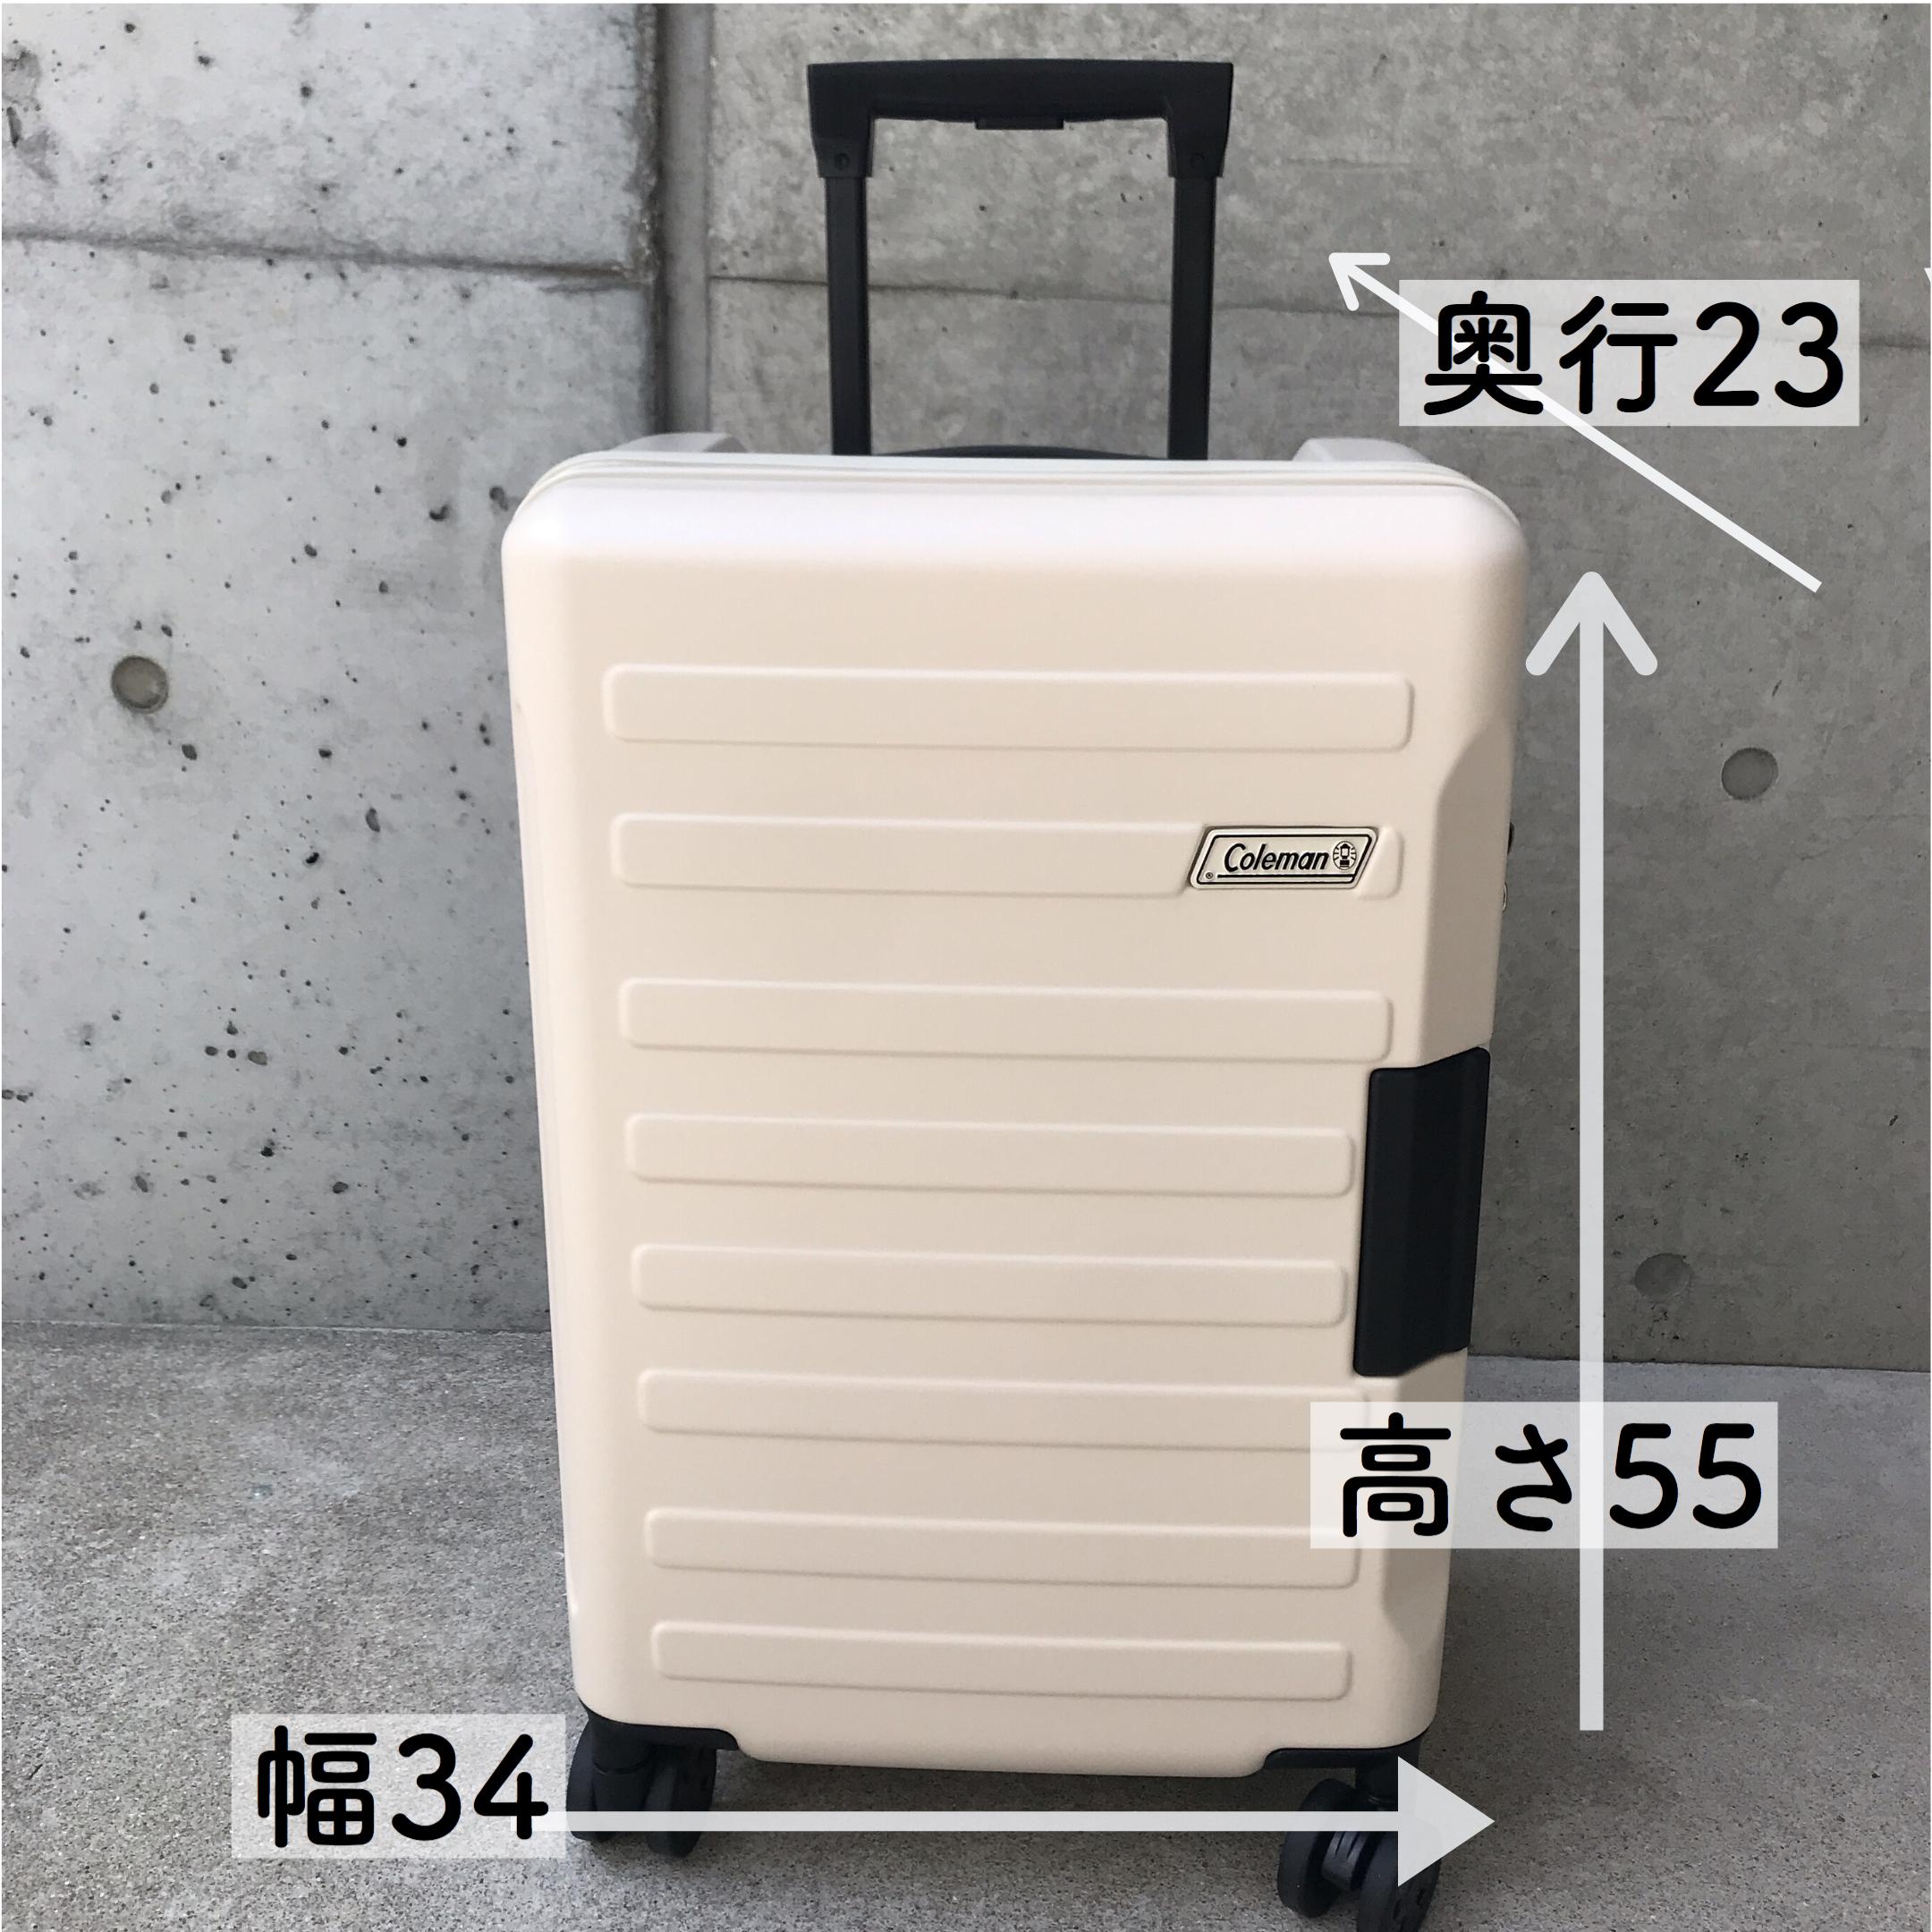 ロフト限定コールマンキャリーS サイズ【エアアジア 機内持ち込み スーツケース】